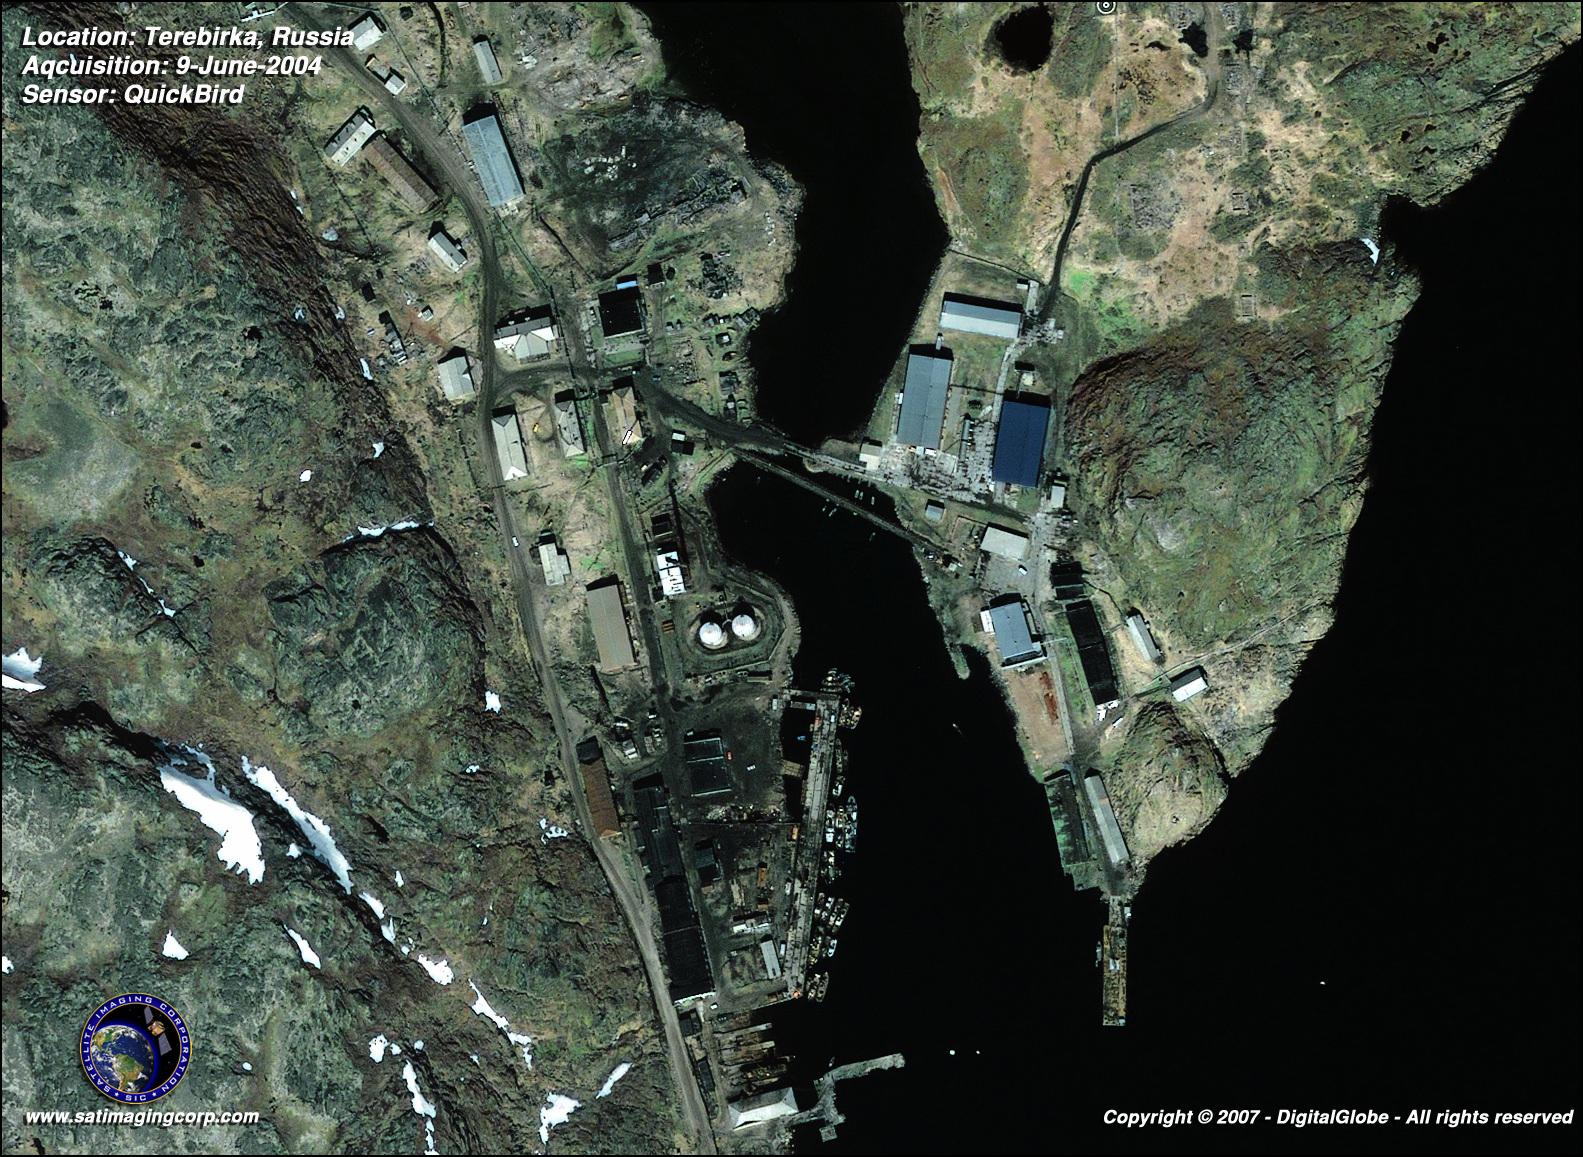 QuickBird Satellite Image of Terebirka Russia Satellite Imaging